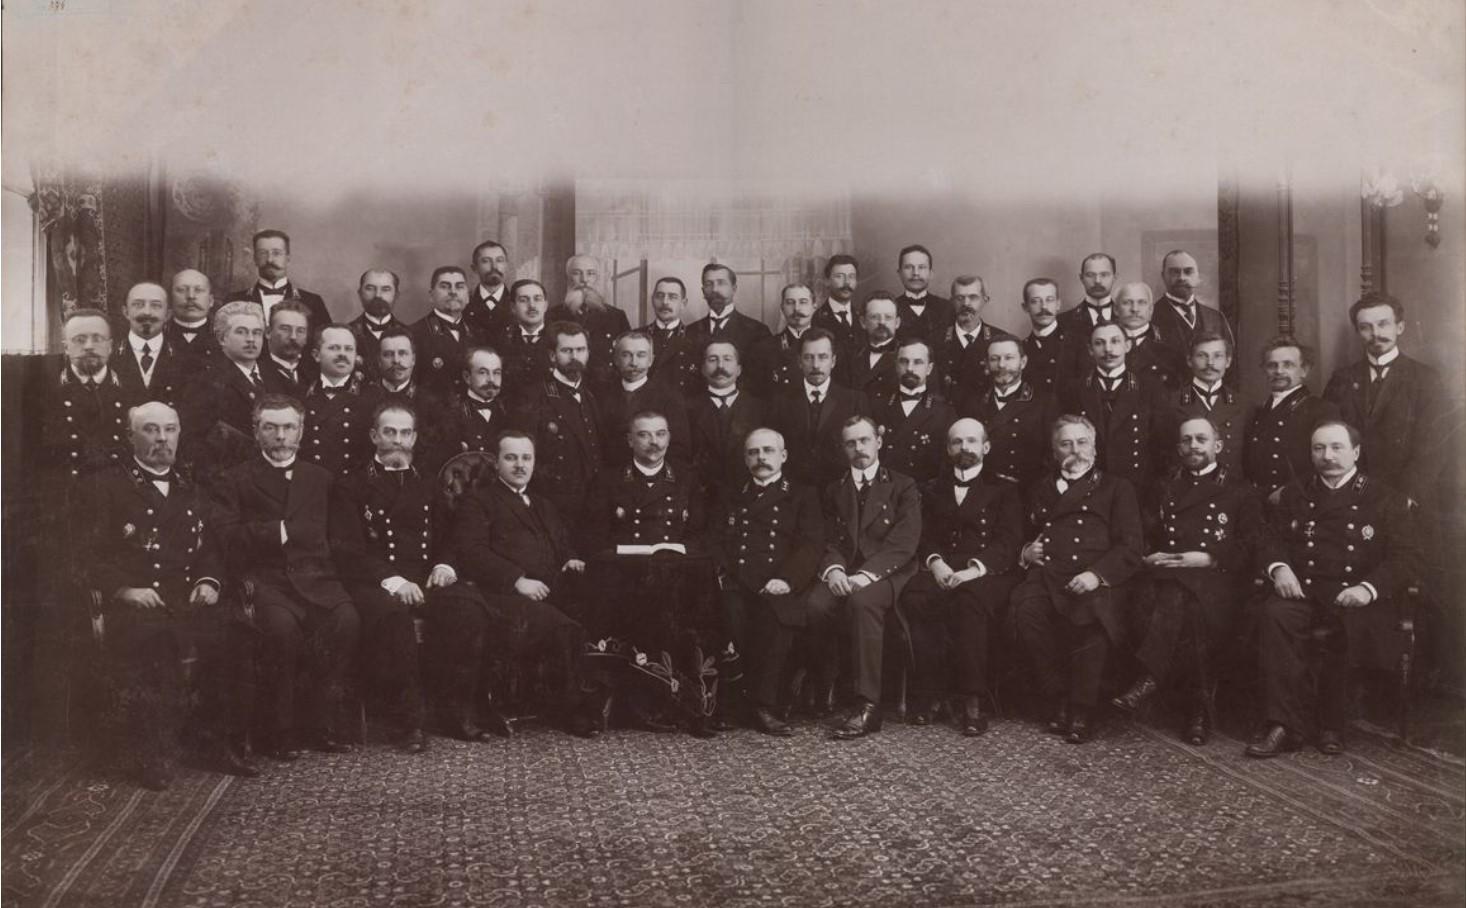 1903. Областной съезд по оброчному делу в Нижнем Новгороде